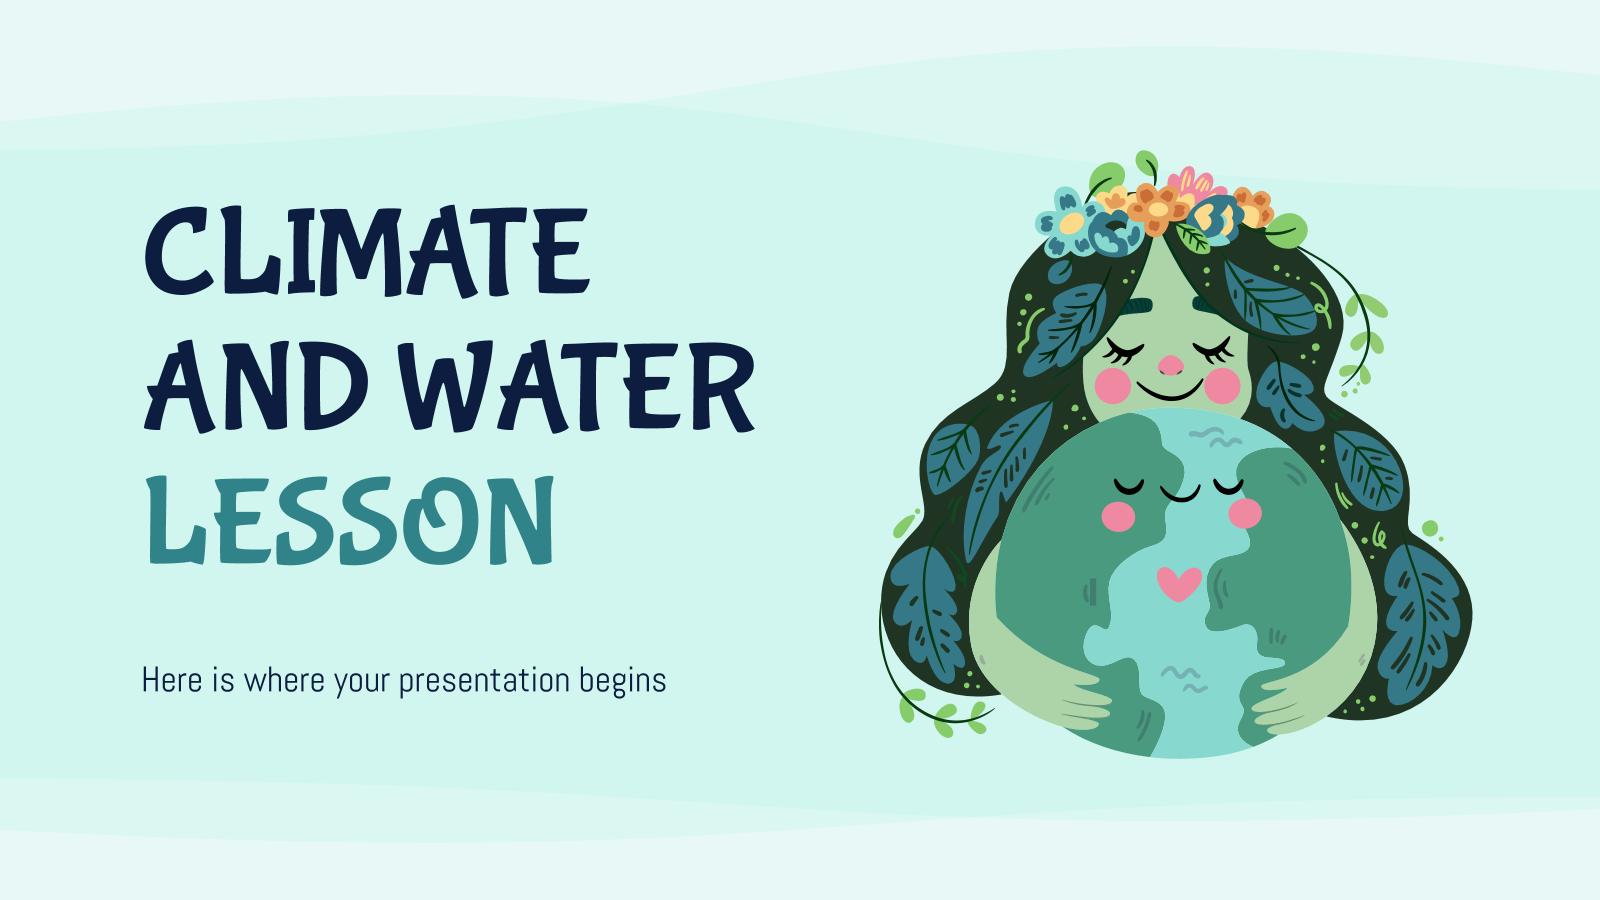 Cours sur le climat et l'eau : Modèles de présentation